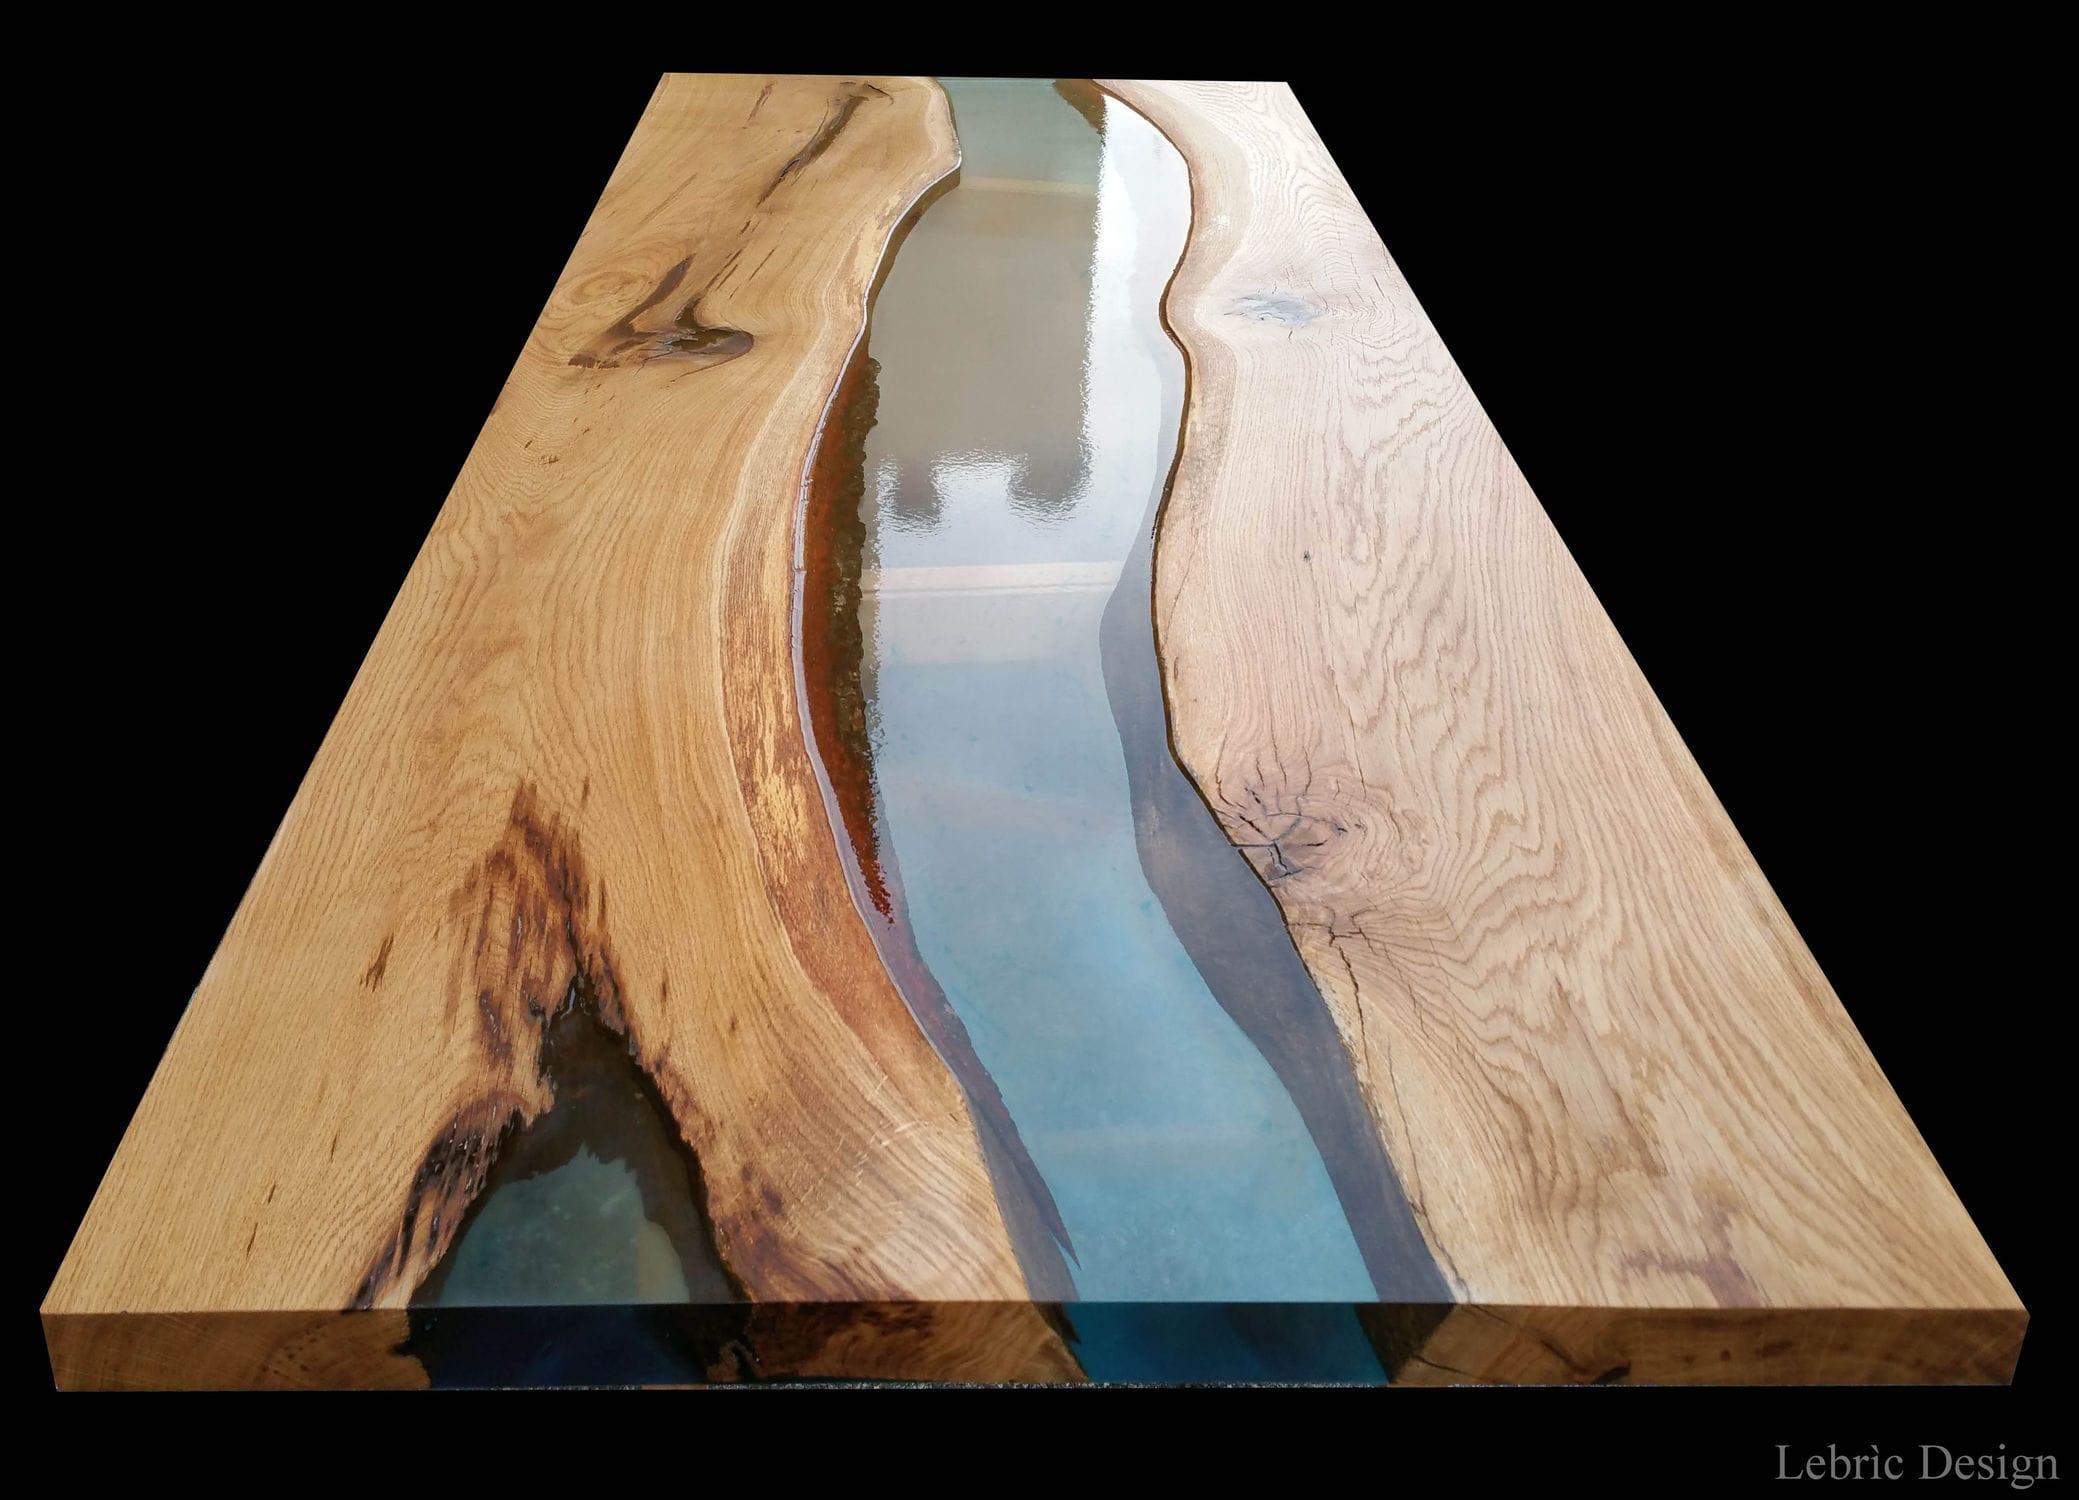 Moderner Esstisch Holz Epoxid Rechteckig Danubio Antico